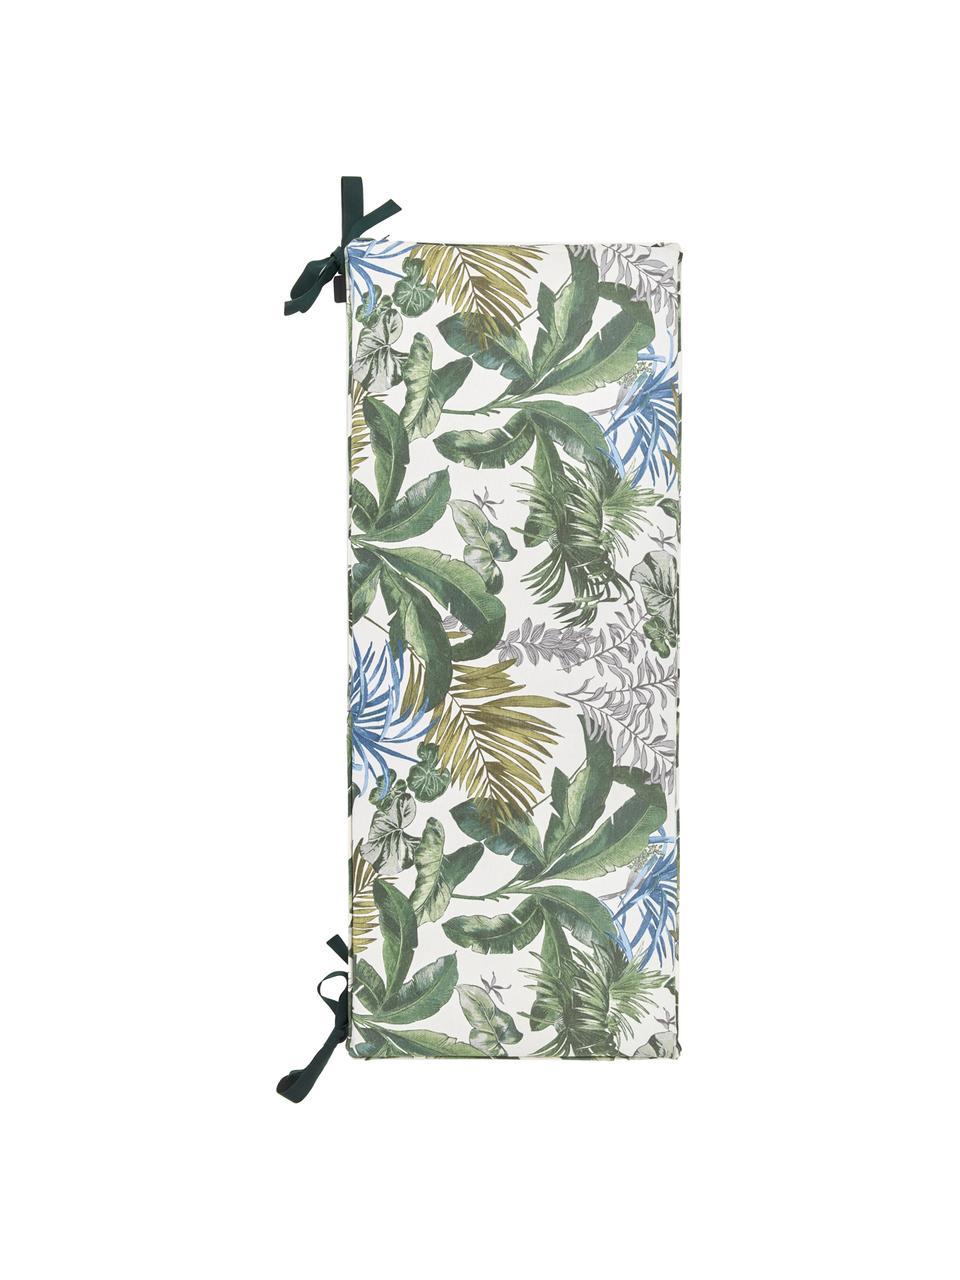 Wodoodporna poduszka na ławkę Bliss, Tapicerka: 50% bawełna, 45% polieste, Kremowy, odcienie zielonego i odcienie niebieskiego, S 48 x D 150 cm